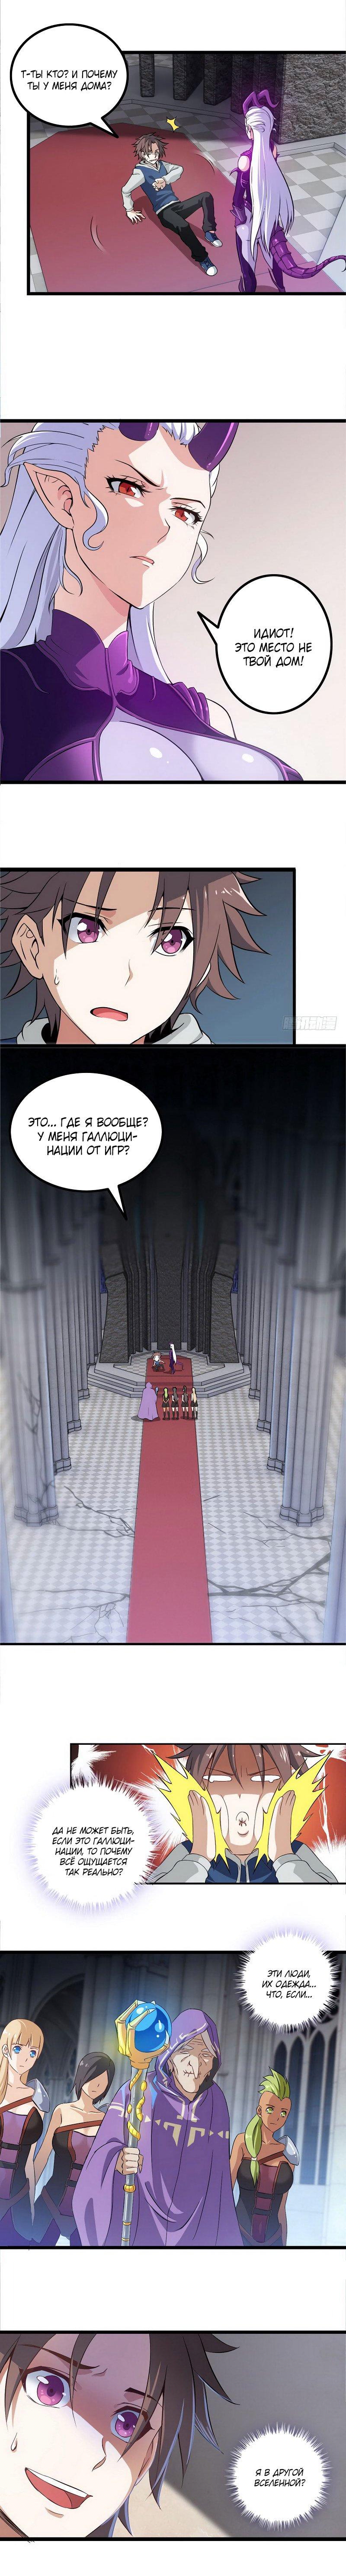 Манга Моя жена — королева демонов / My Wife is a Demon Queen  - Том 1 Глава 1 Страница 20